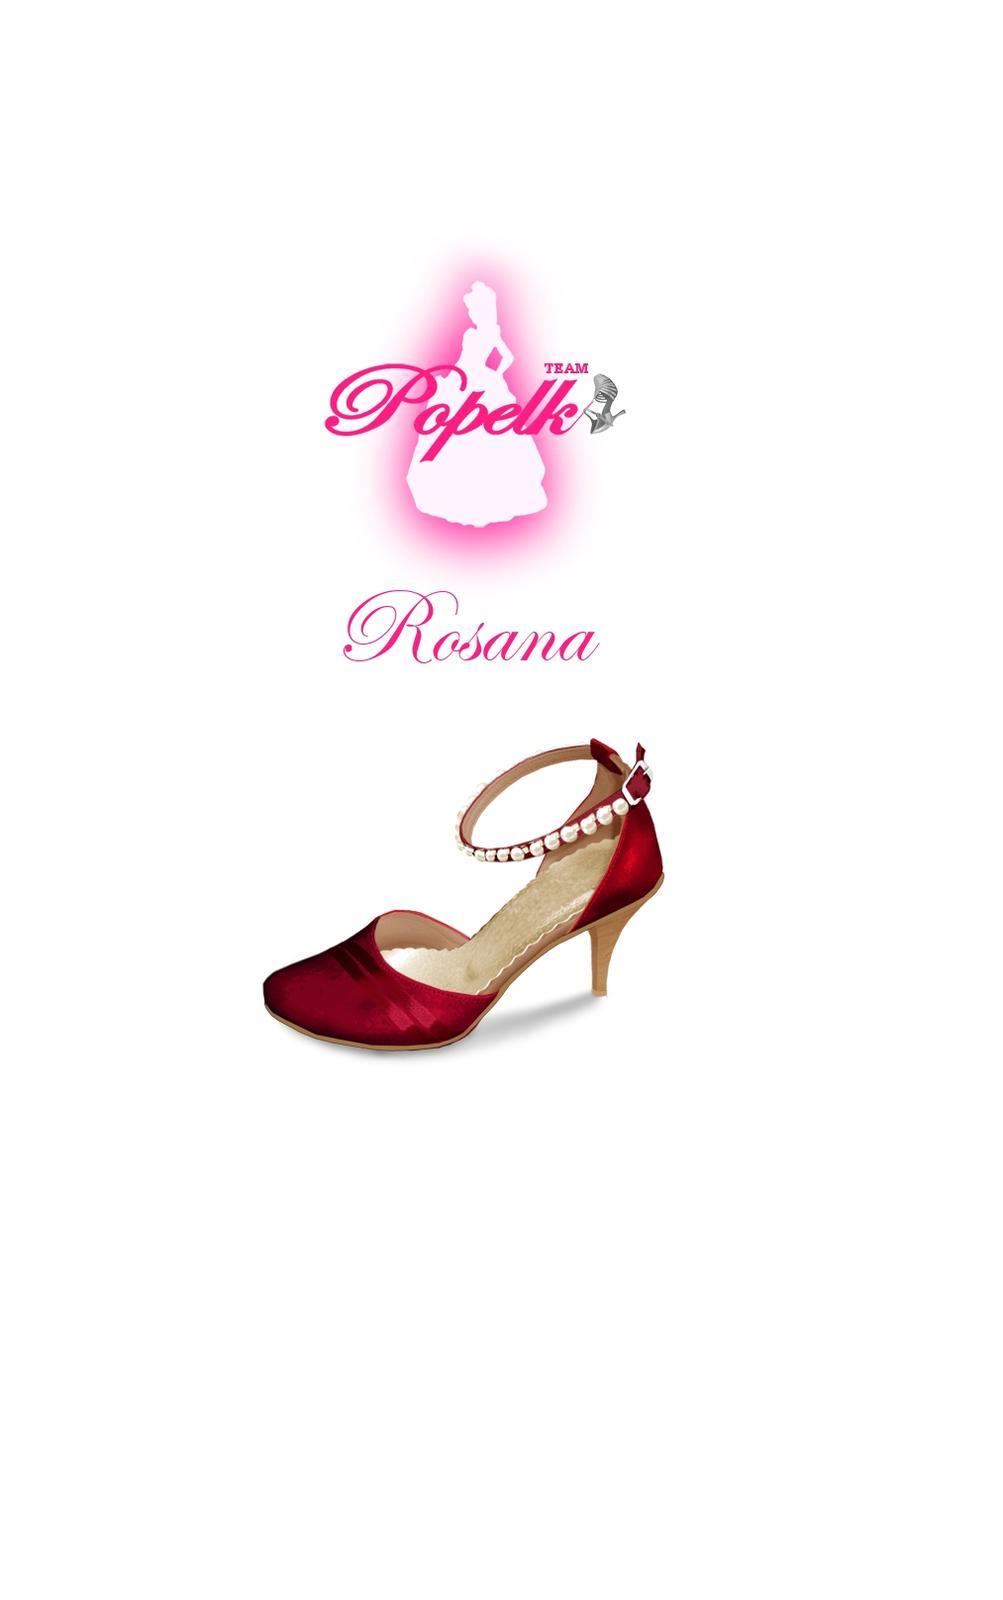 Svadobné topánky s úpravou na želanie - inšpirácie bordó, hnědá, čokoládová - Obrázok č. 30